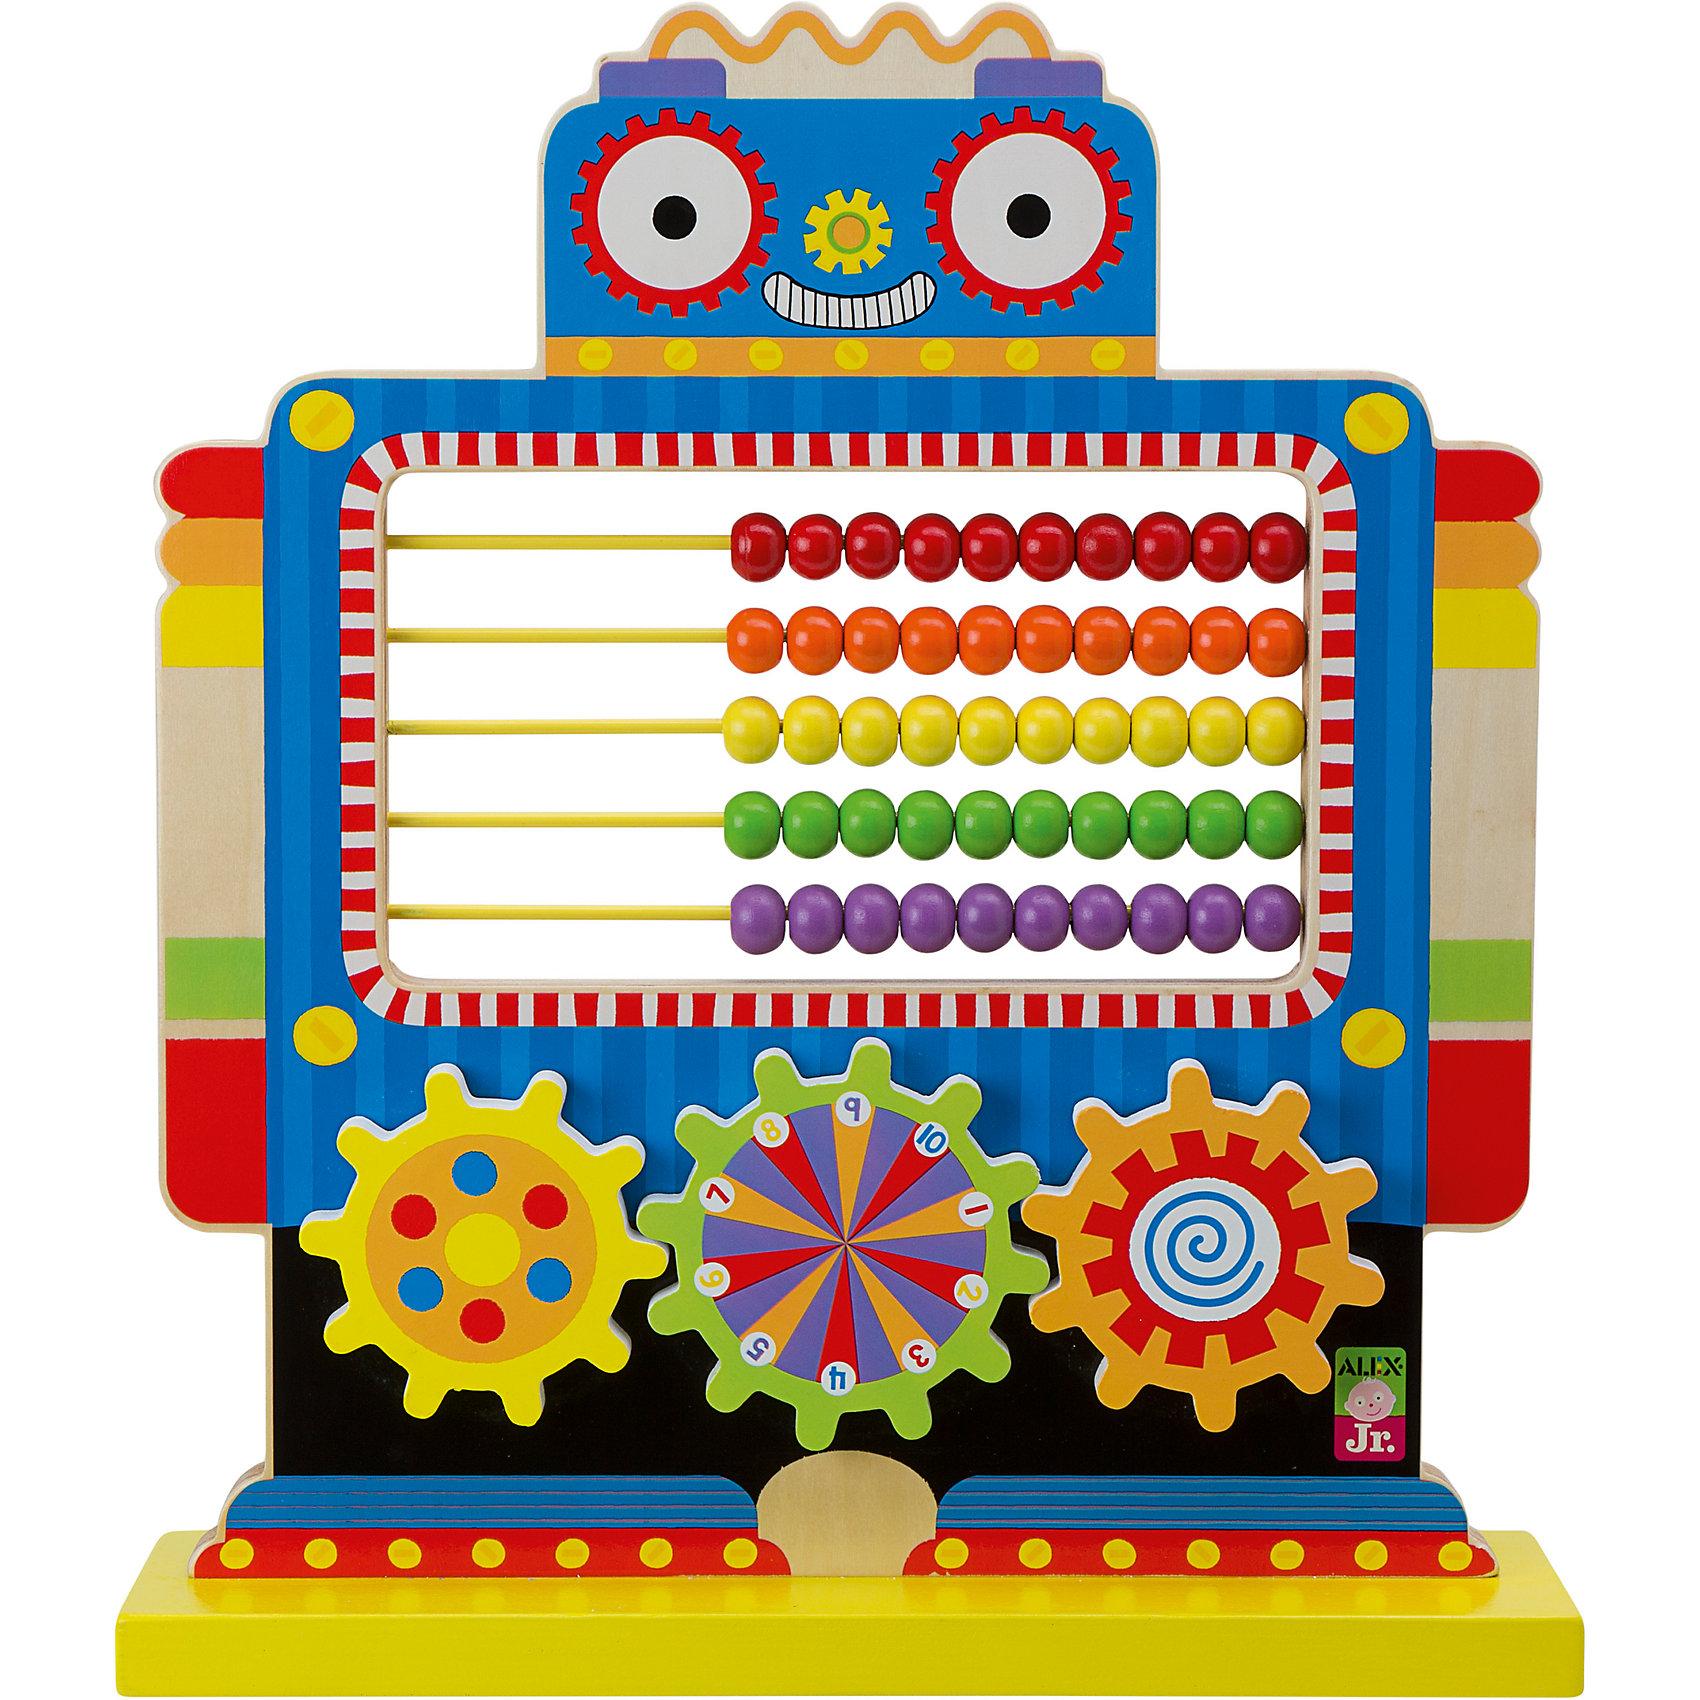 Фото ALEX Игрушка Счеты Робот, ALEX игрушка счеты